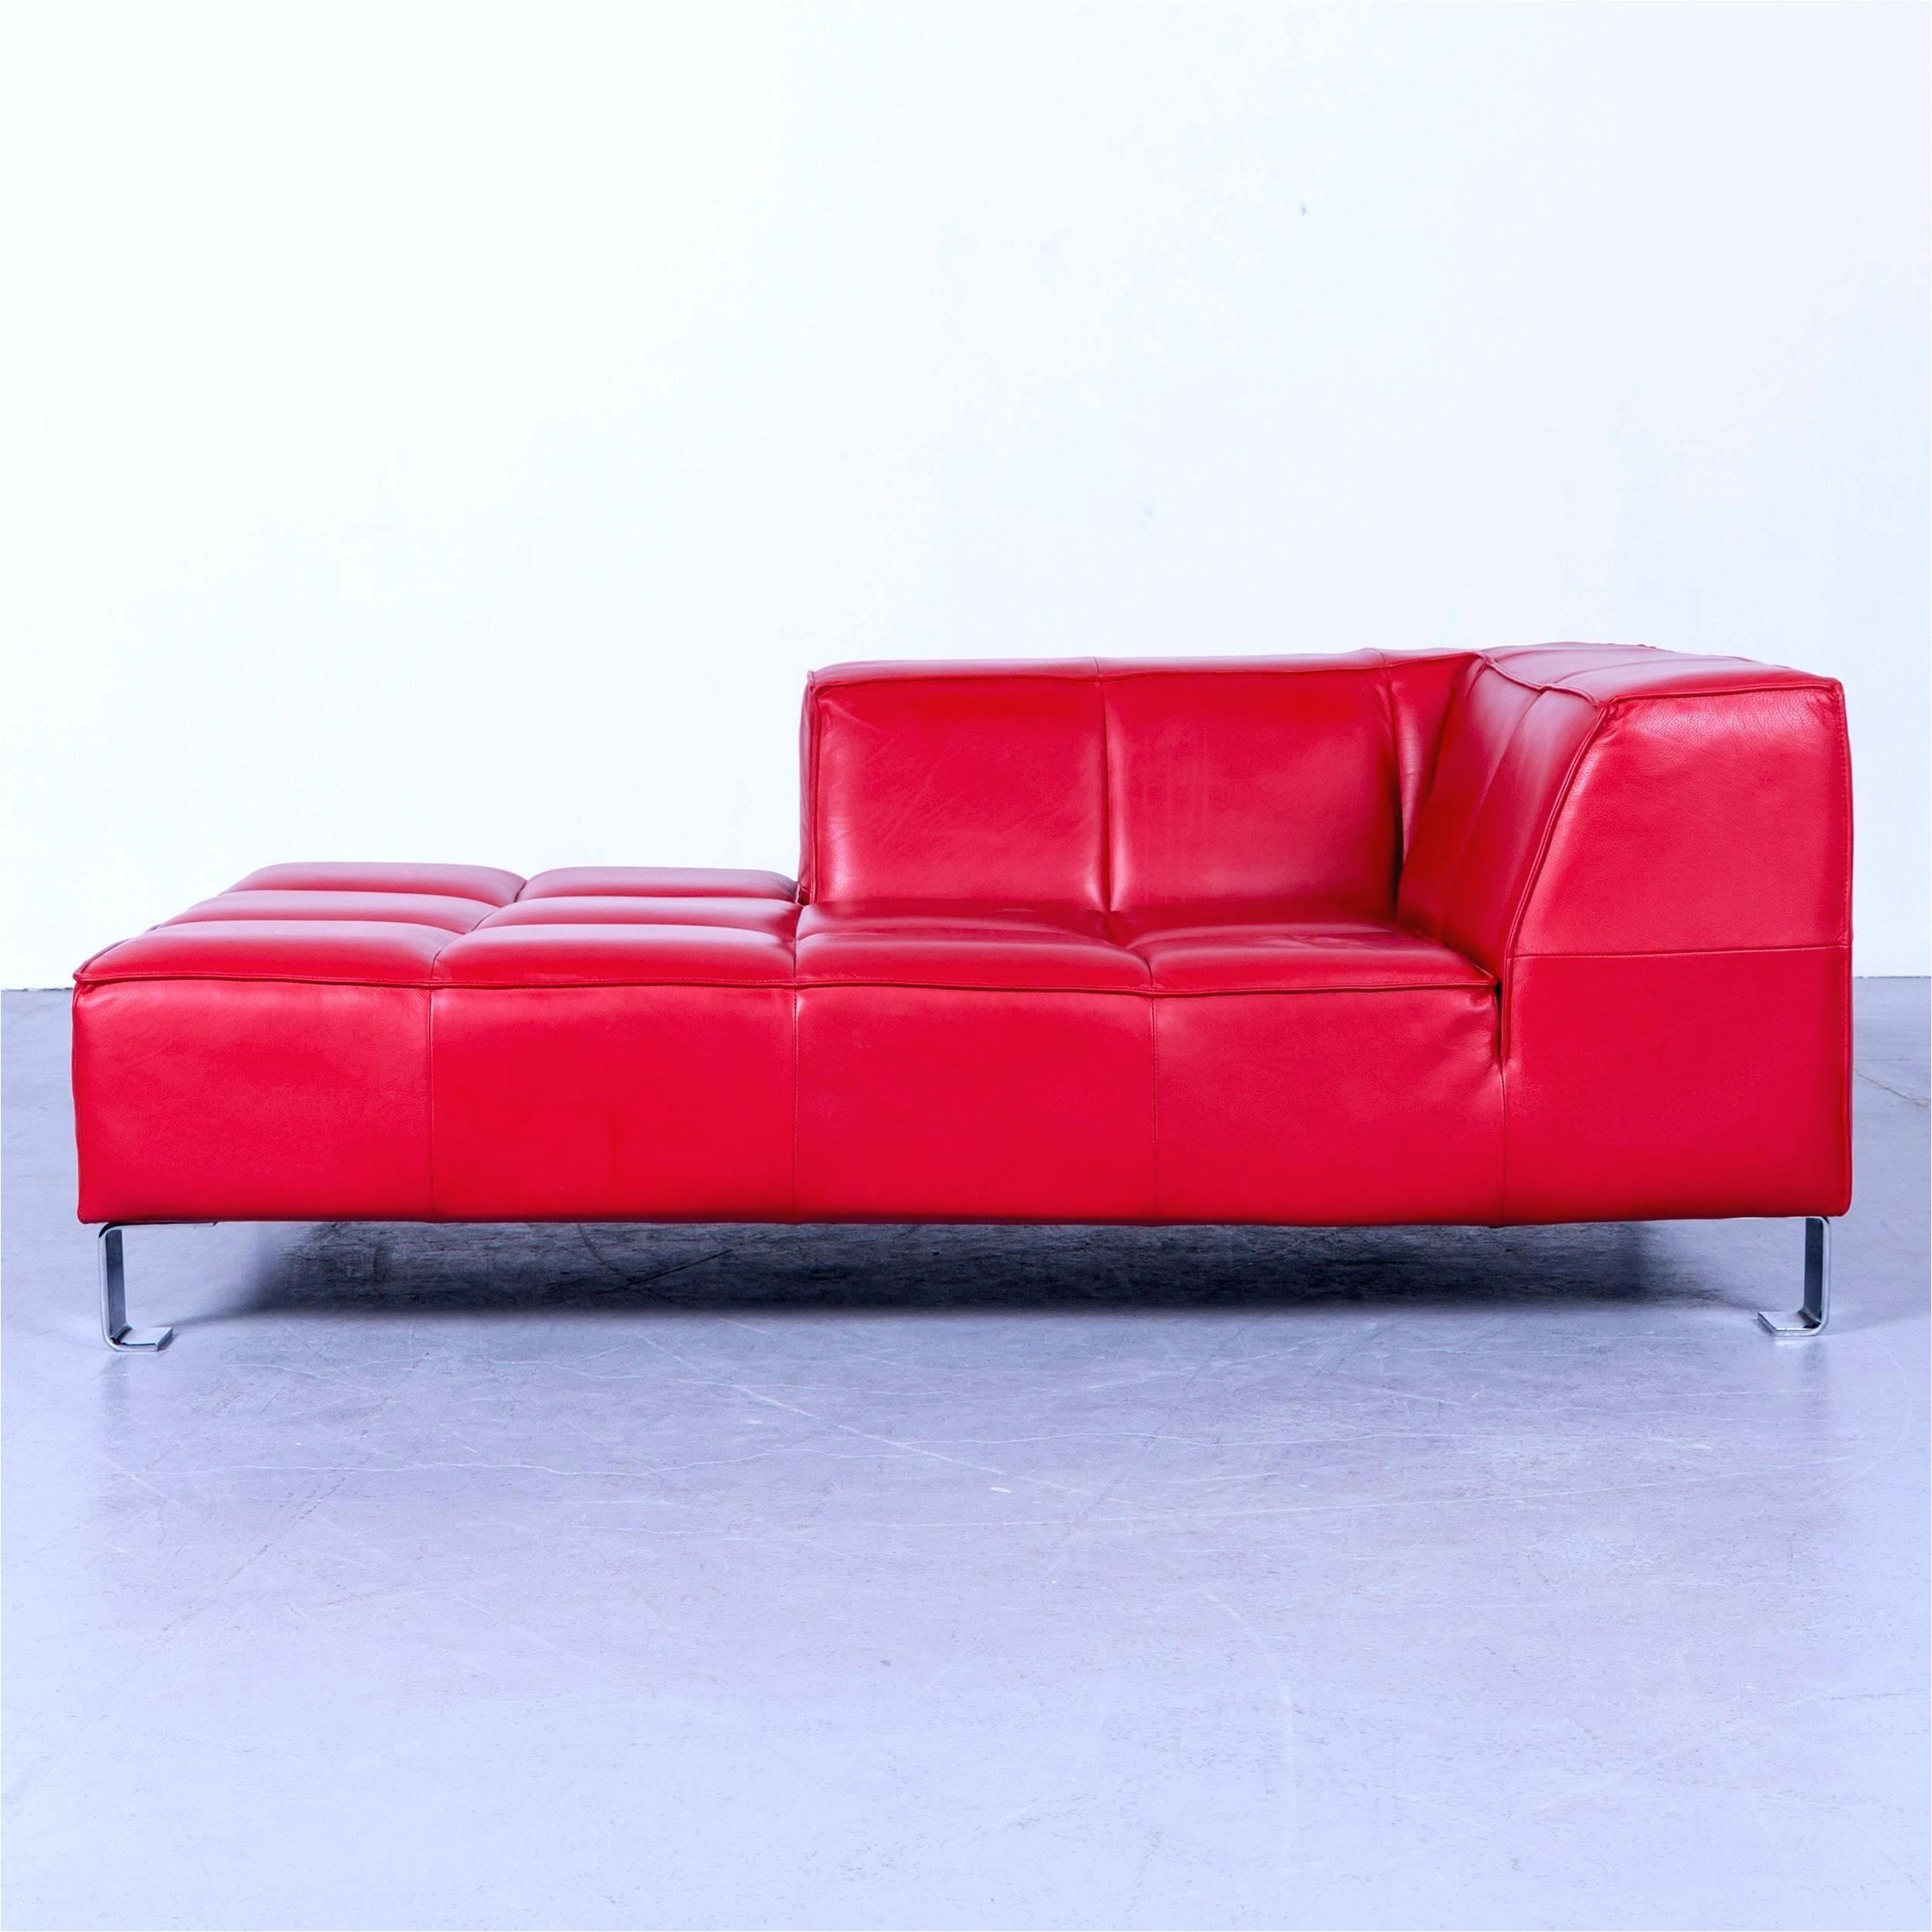 karlstad schlafsofa frisch recamiere sofa 2er mit elegant luxus u couch 0d s links recamier stock